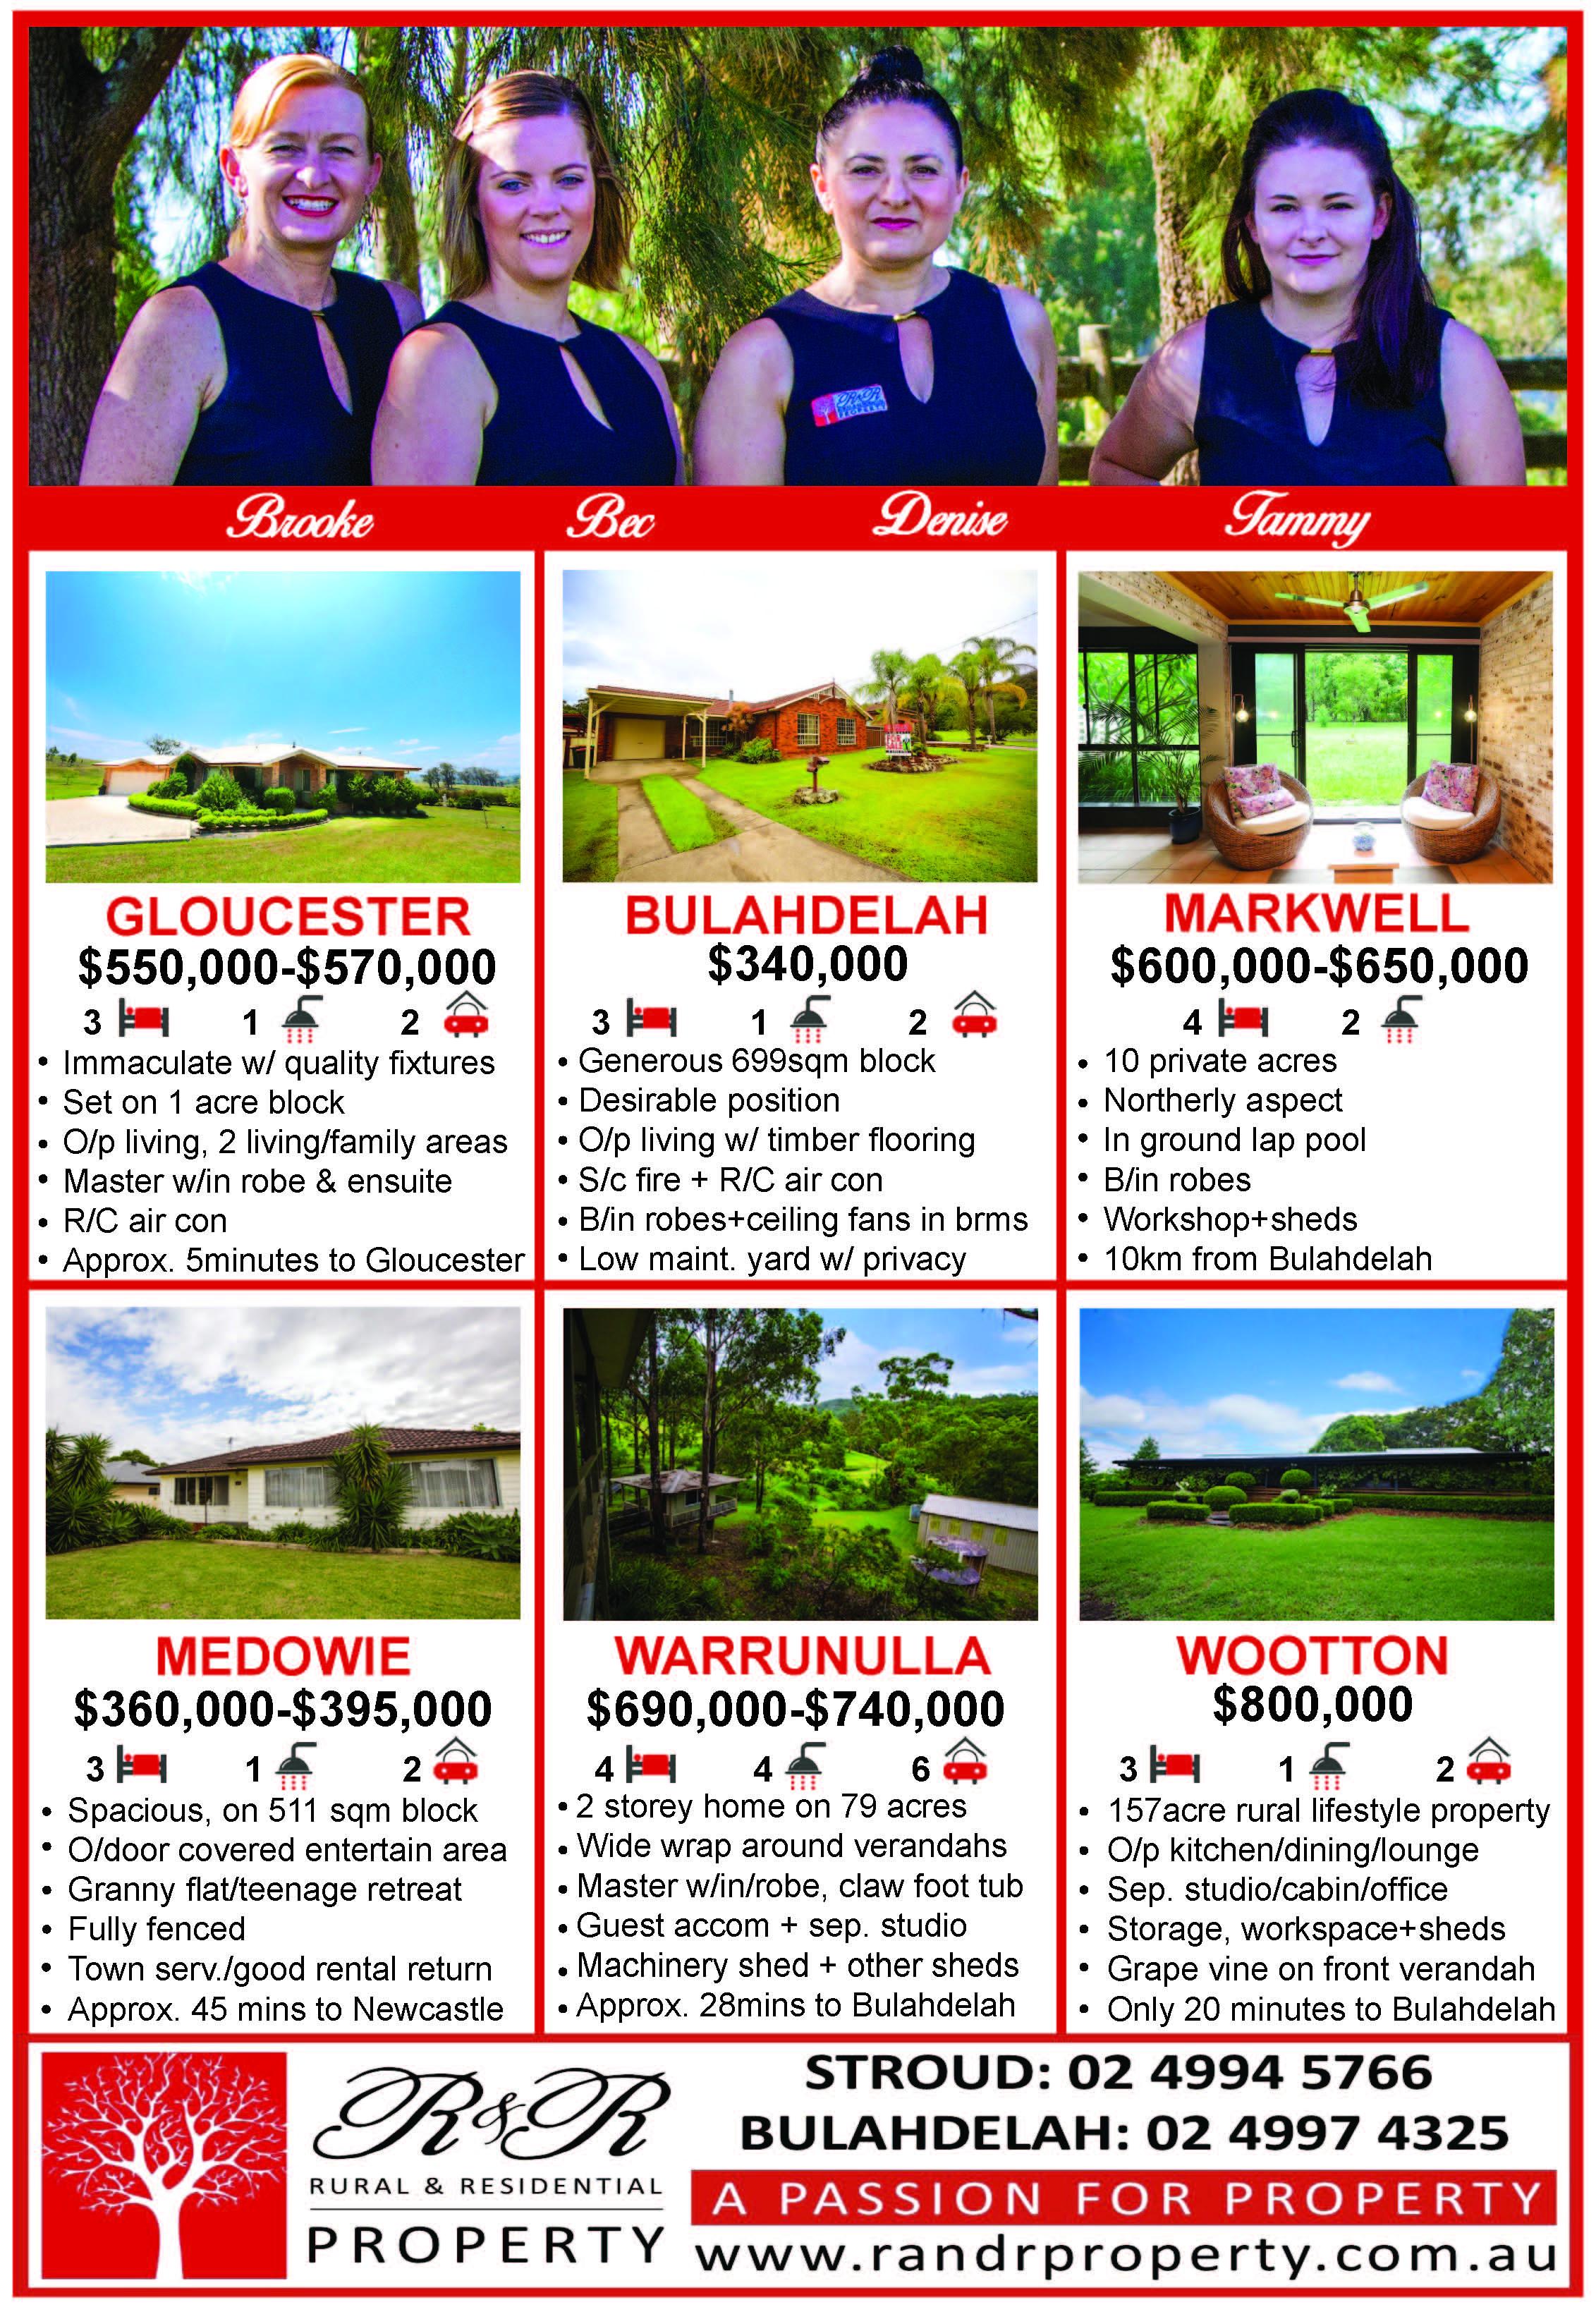 R & R Property Stroud